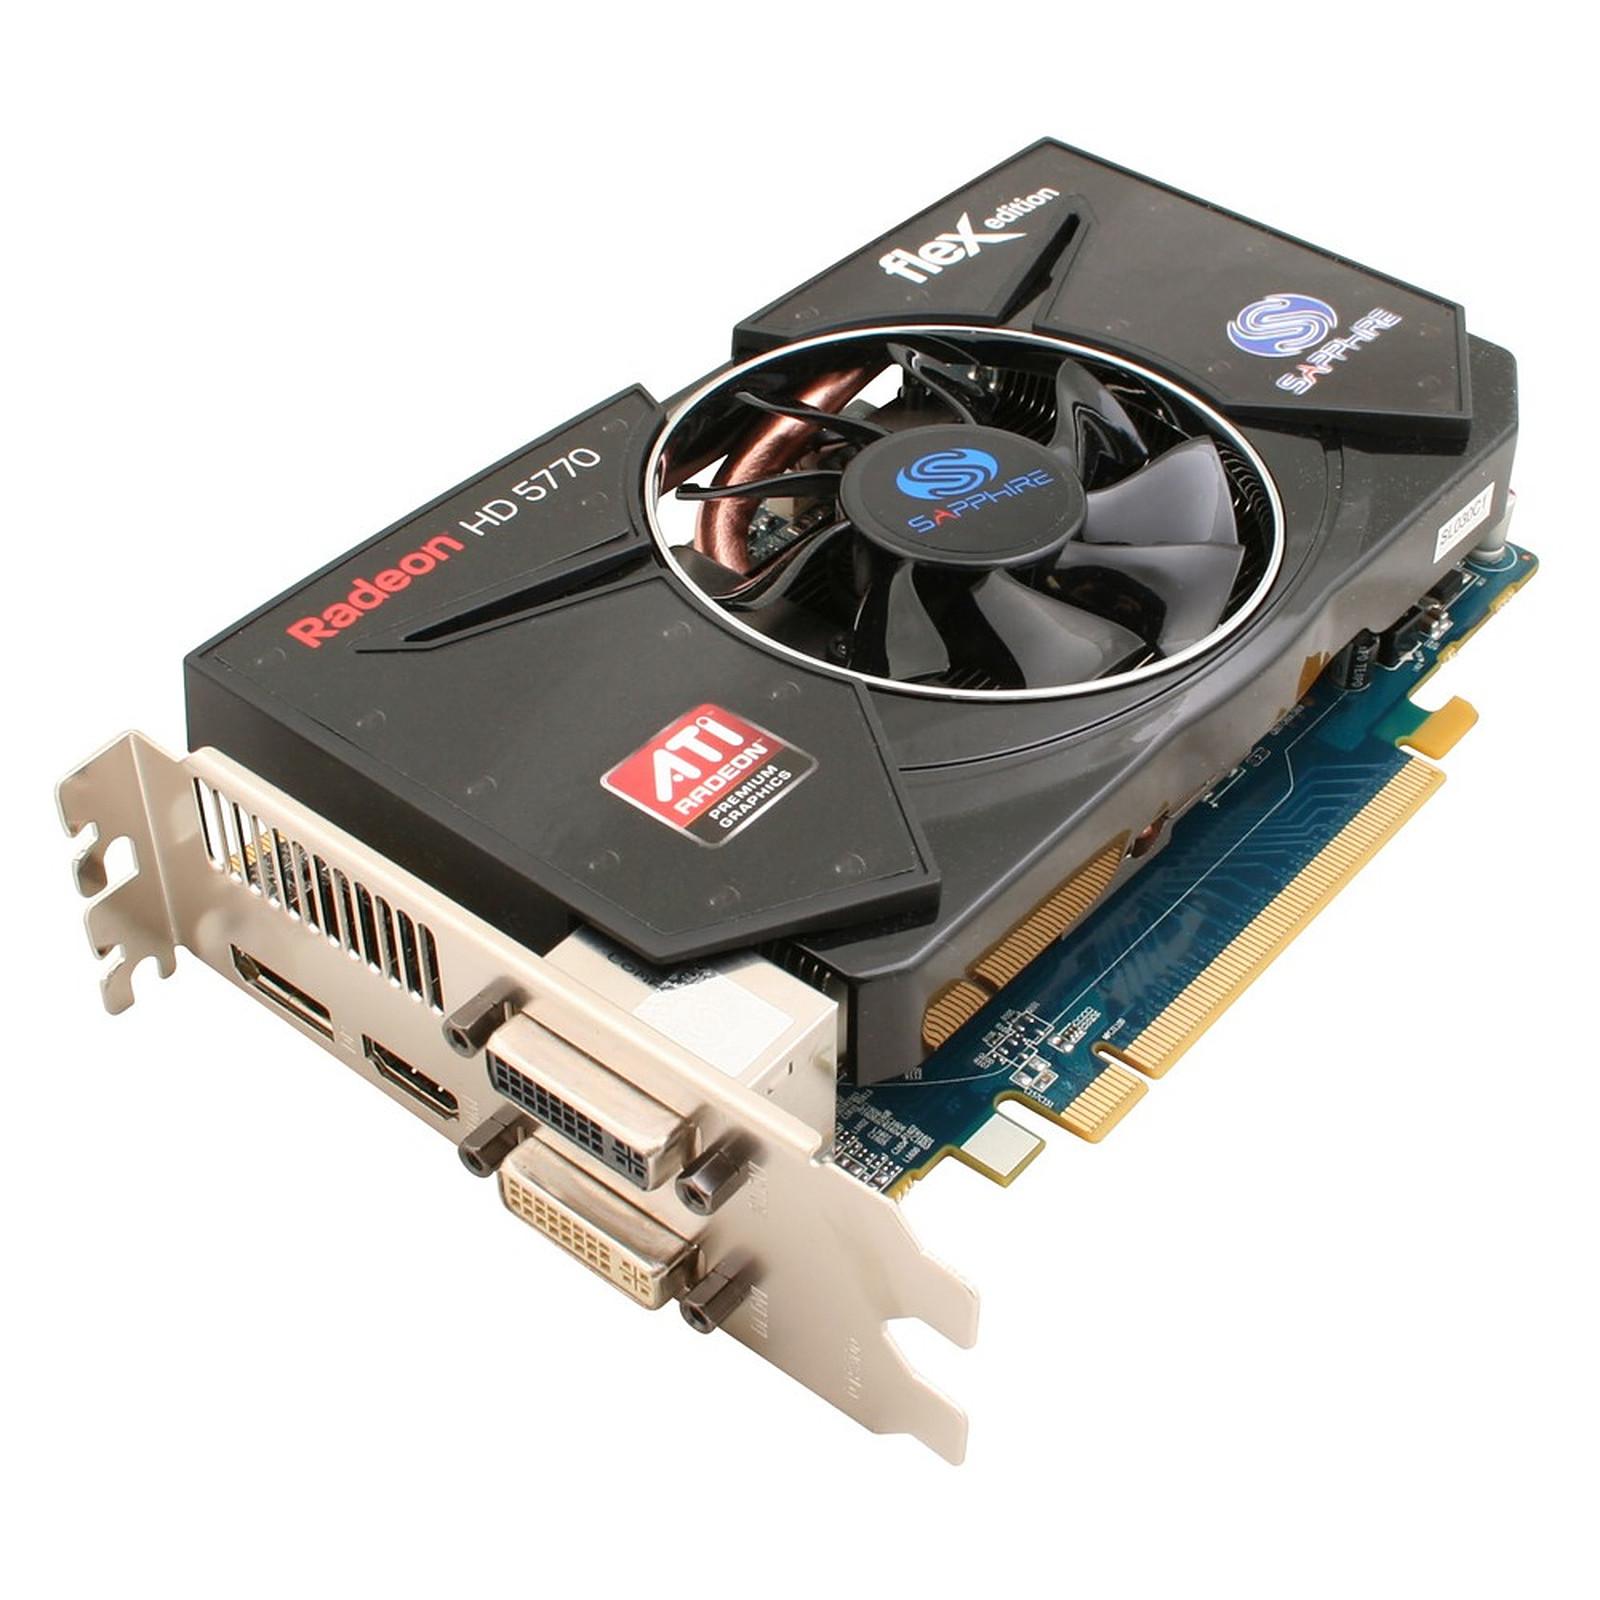 Sapphire Radeon HD 5770 FleX 1 GB